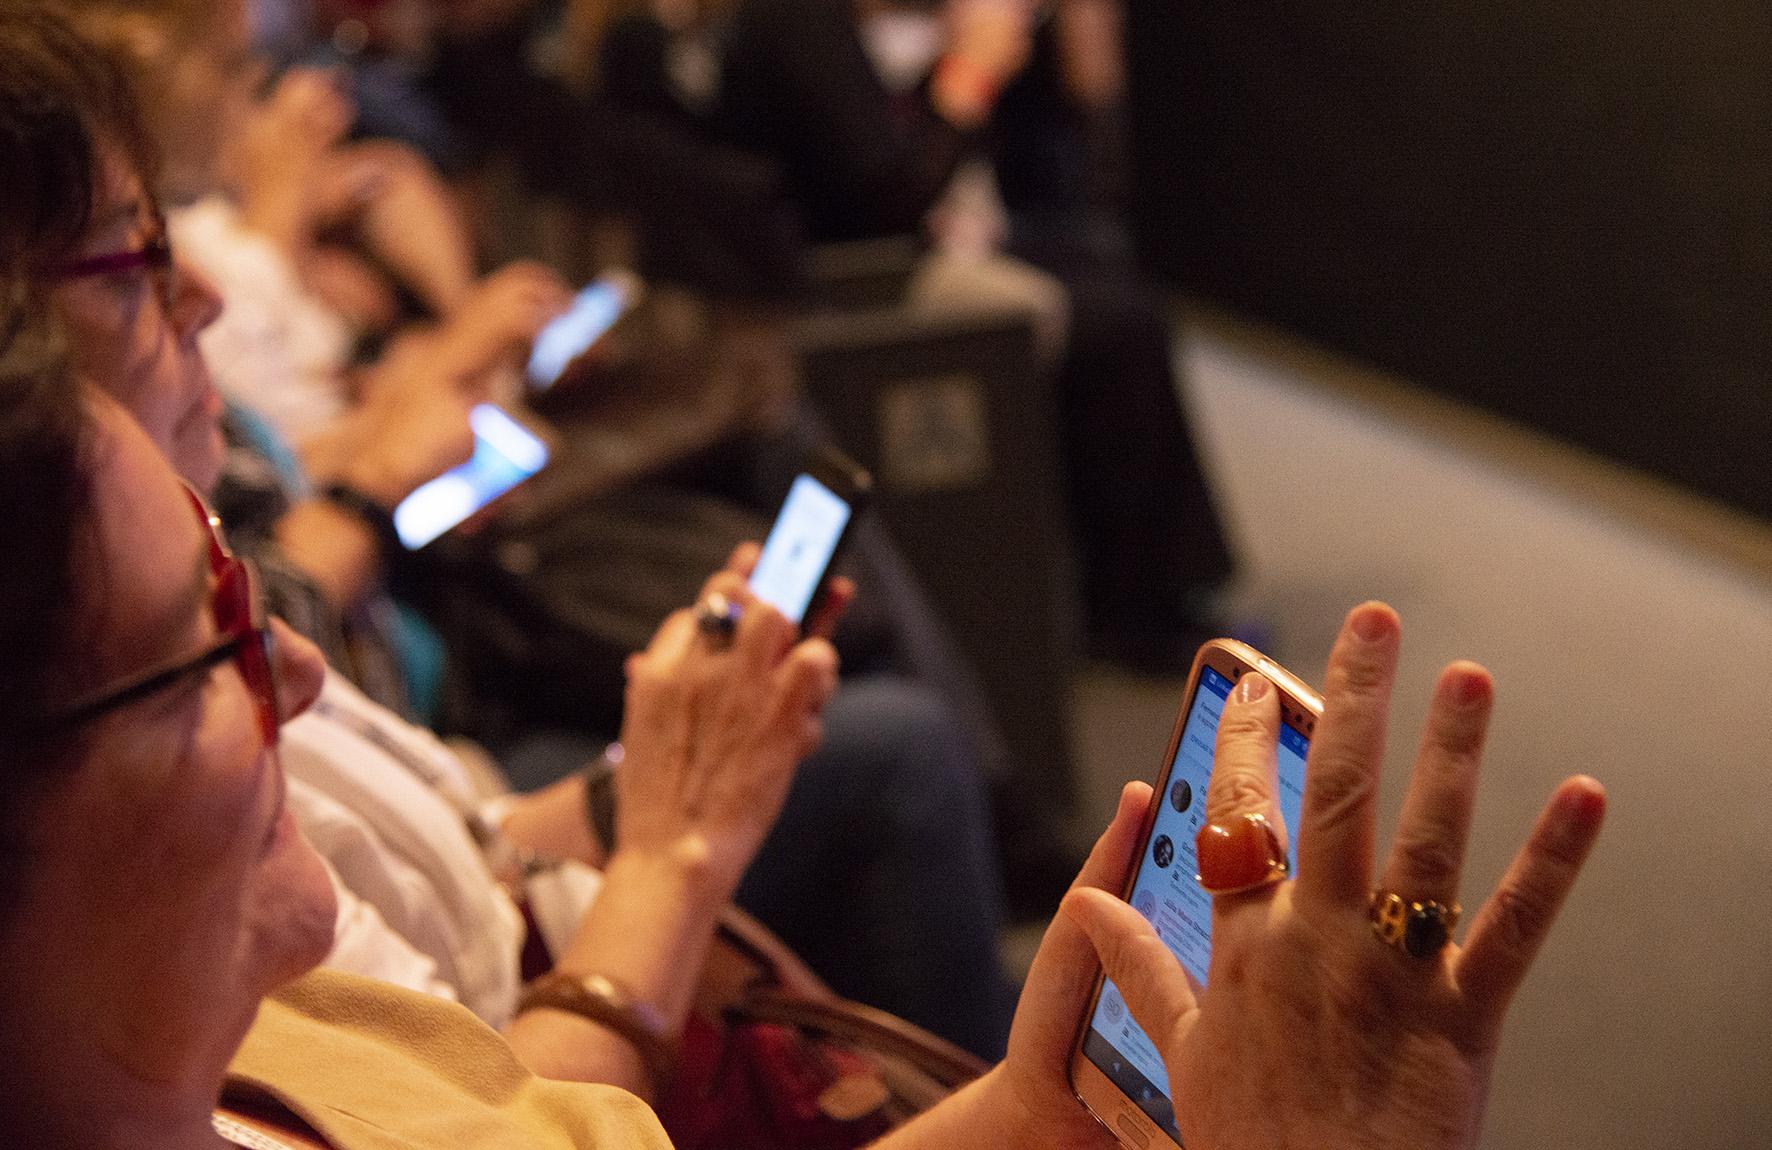 Público alvo do Maturisjob. Foto de Divulgação